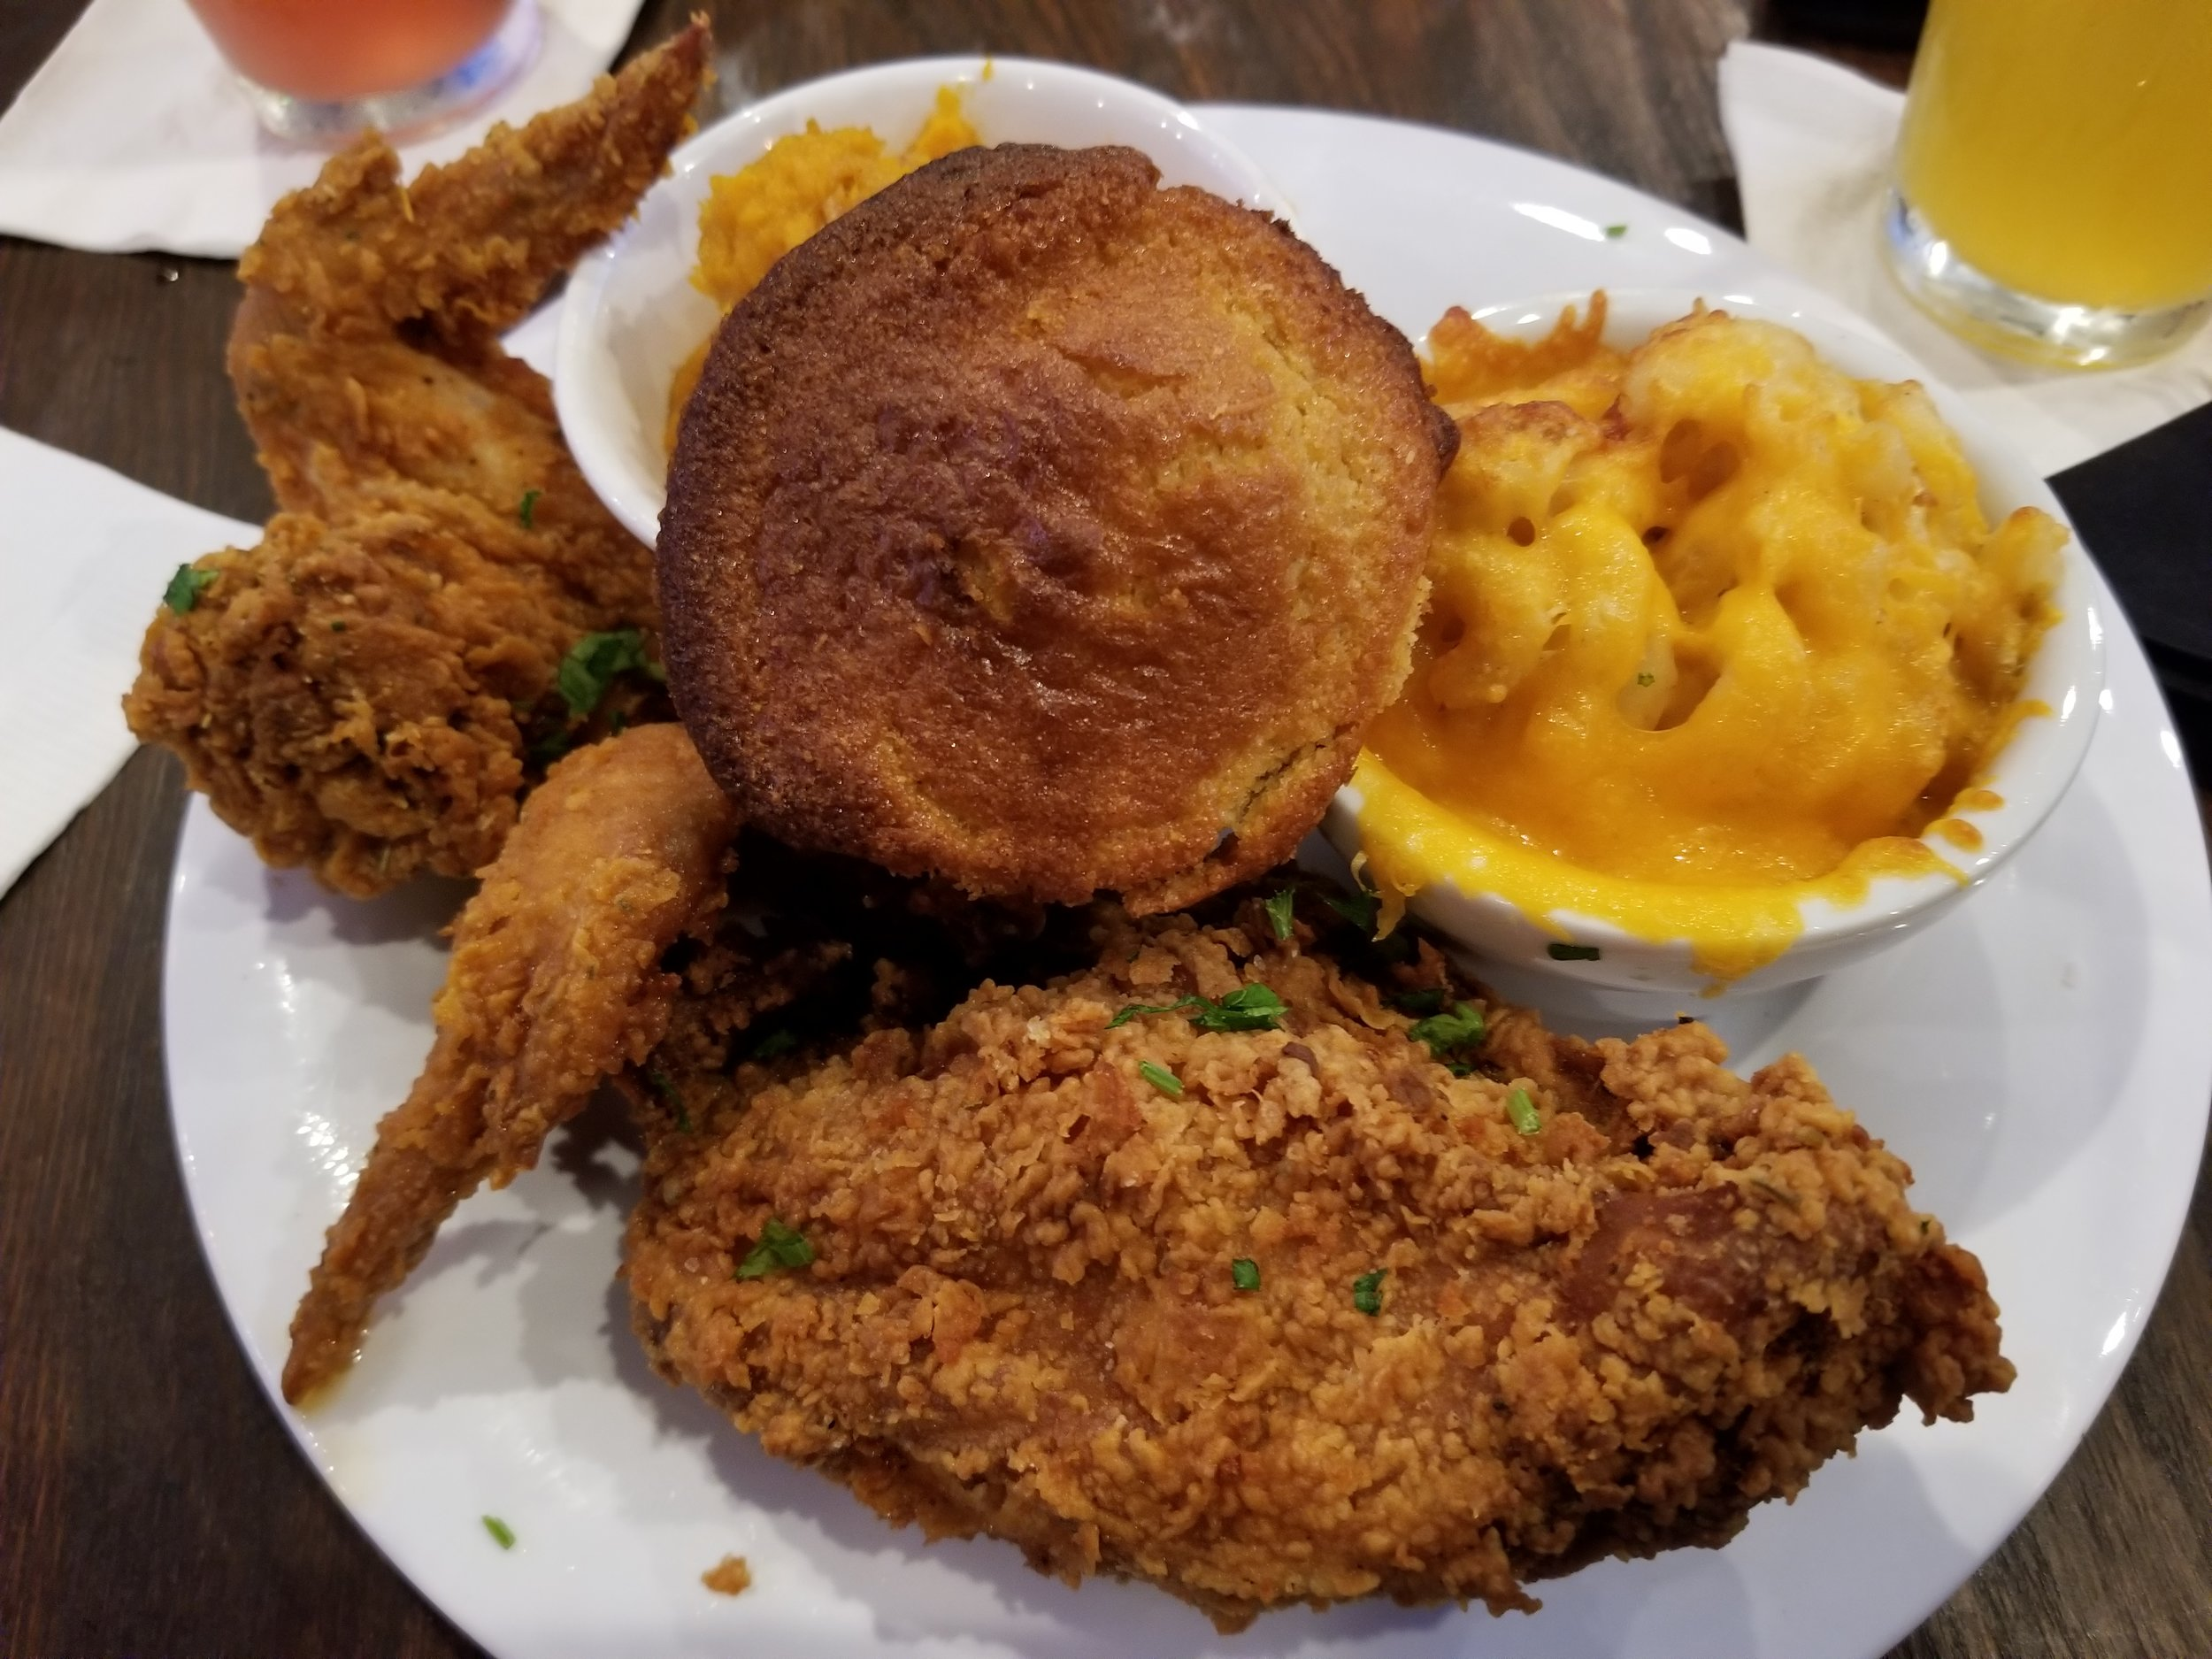 Aunt Bertha's Fried Chicken - $16.95